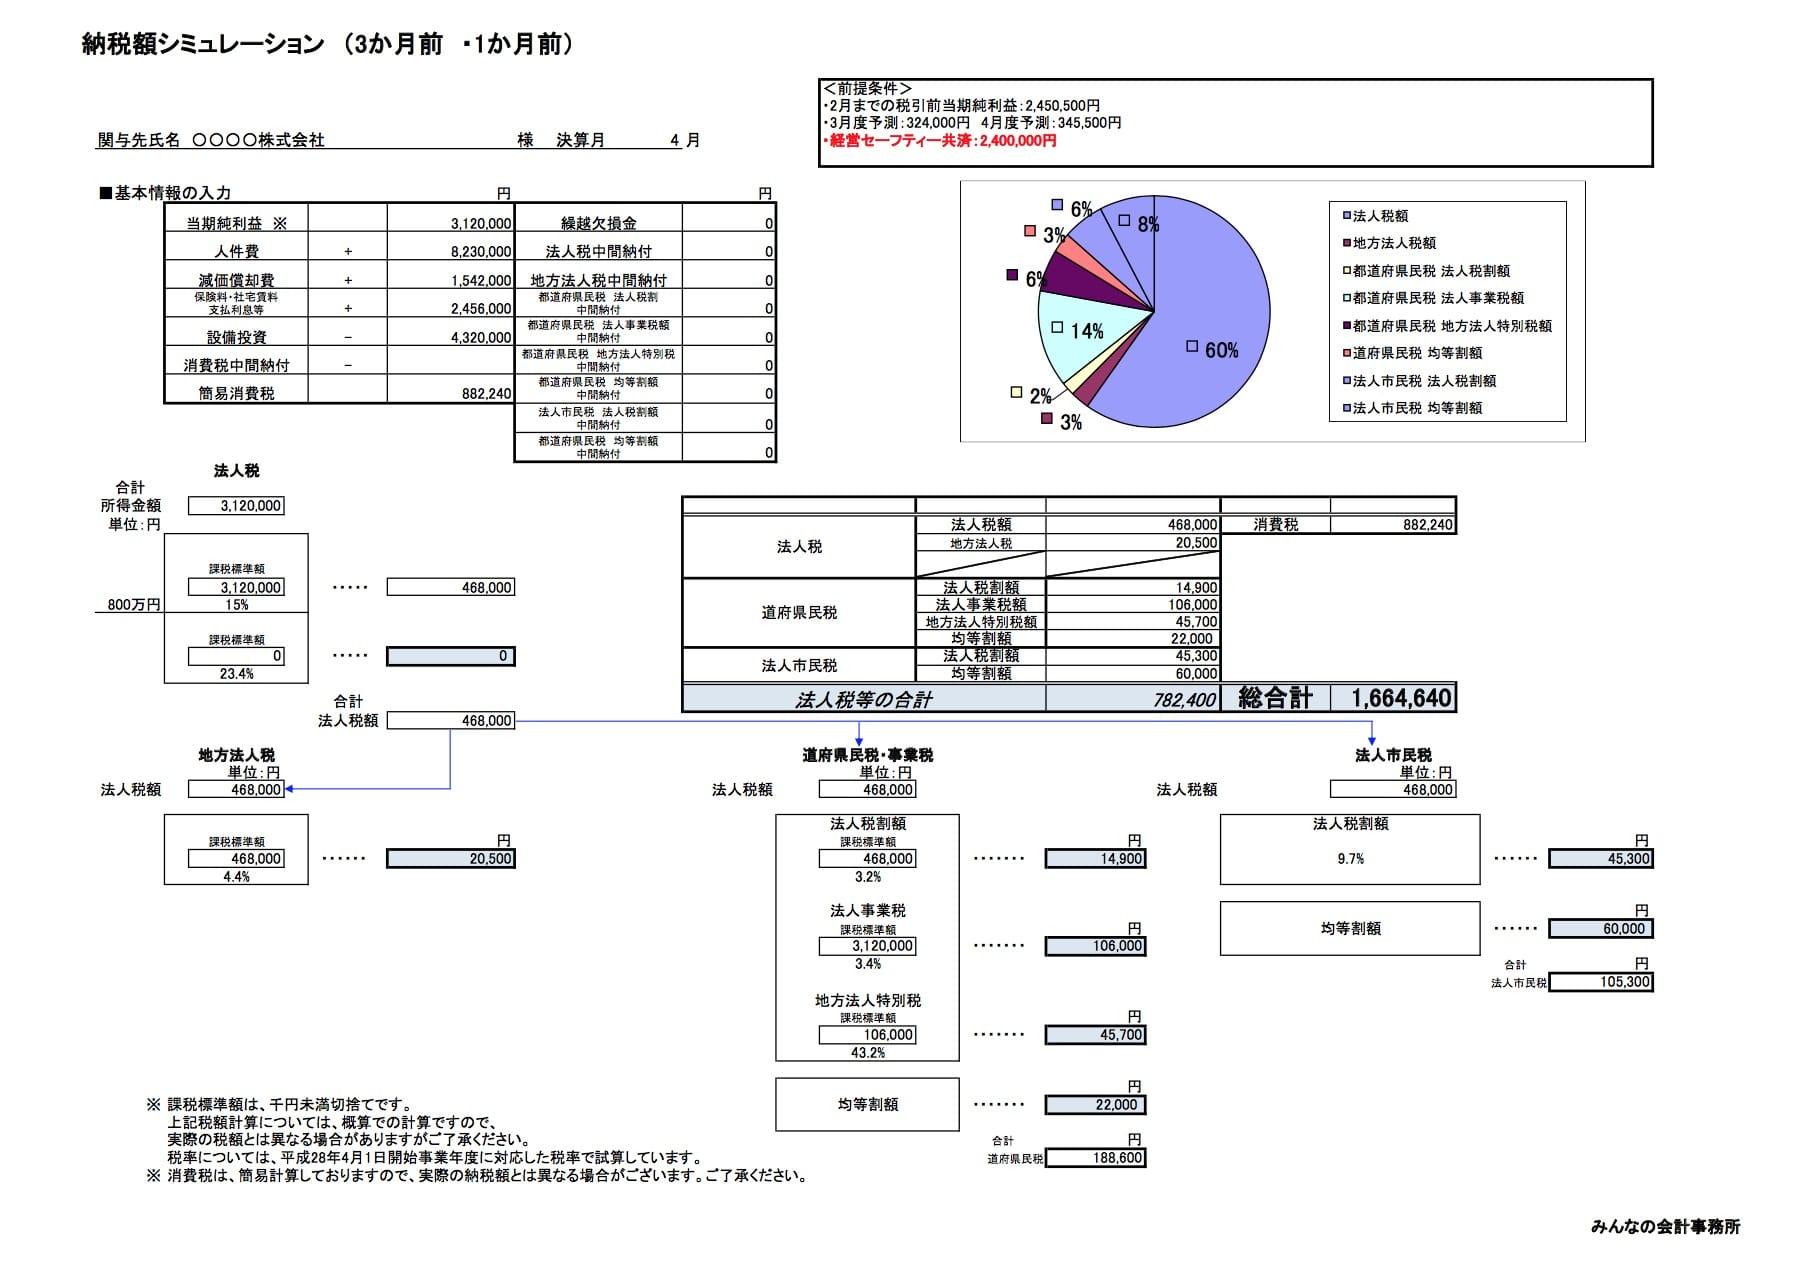 納税額シュミレーション見本(PDF)